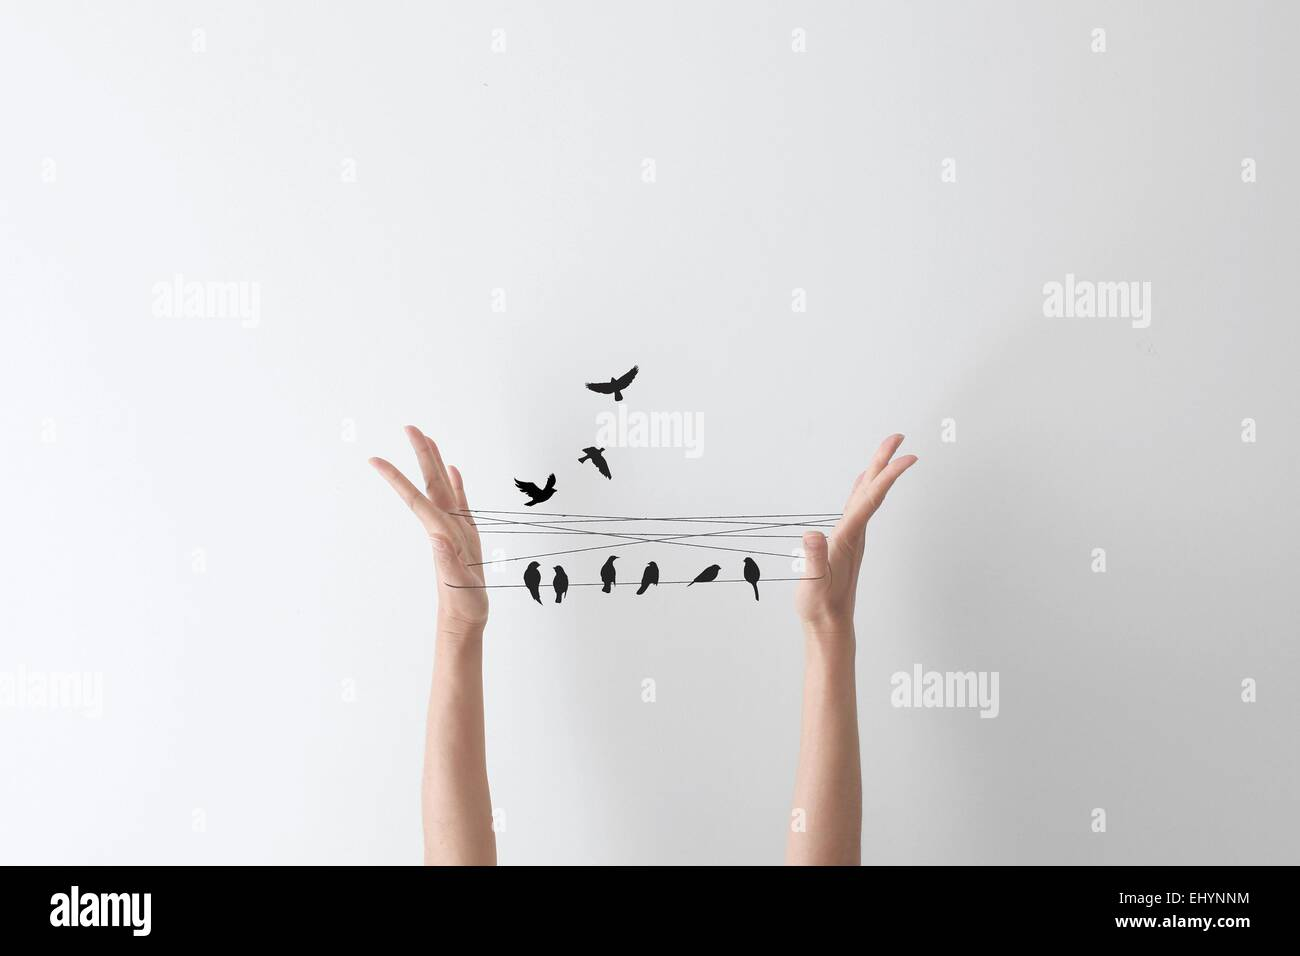 Zeichenfolge-Hand-Spiel mit Vögel thront auf der Saite Stockbild